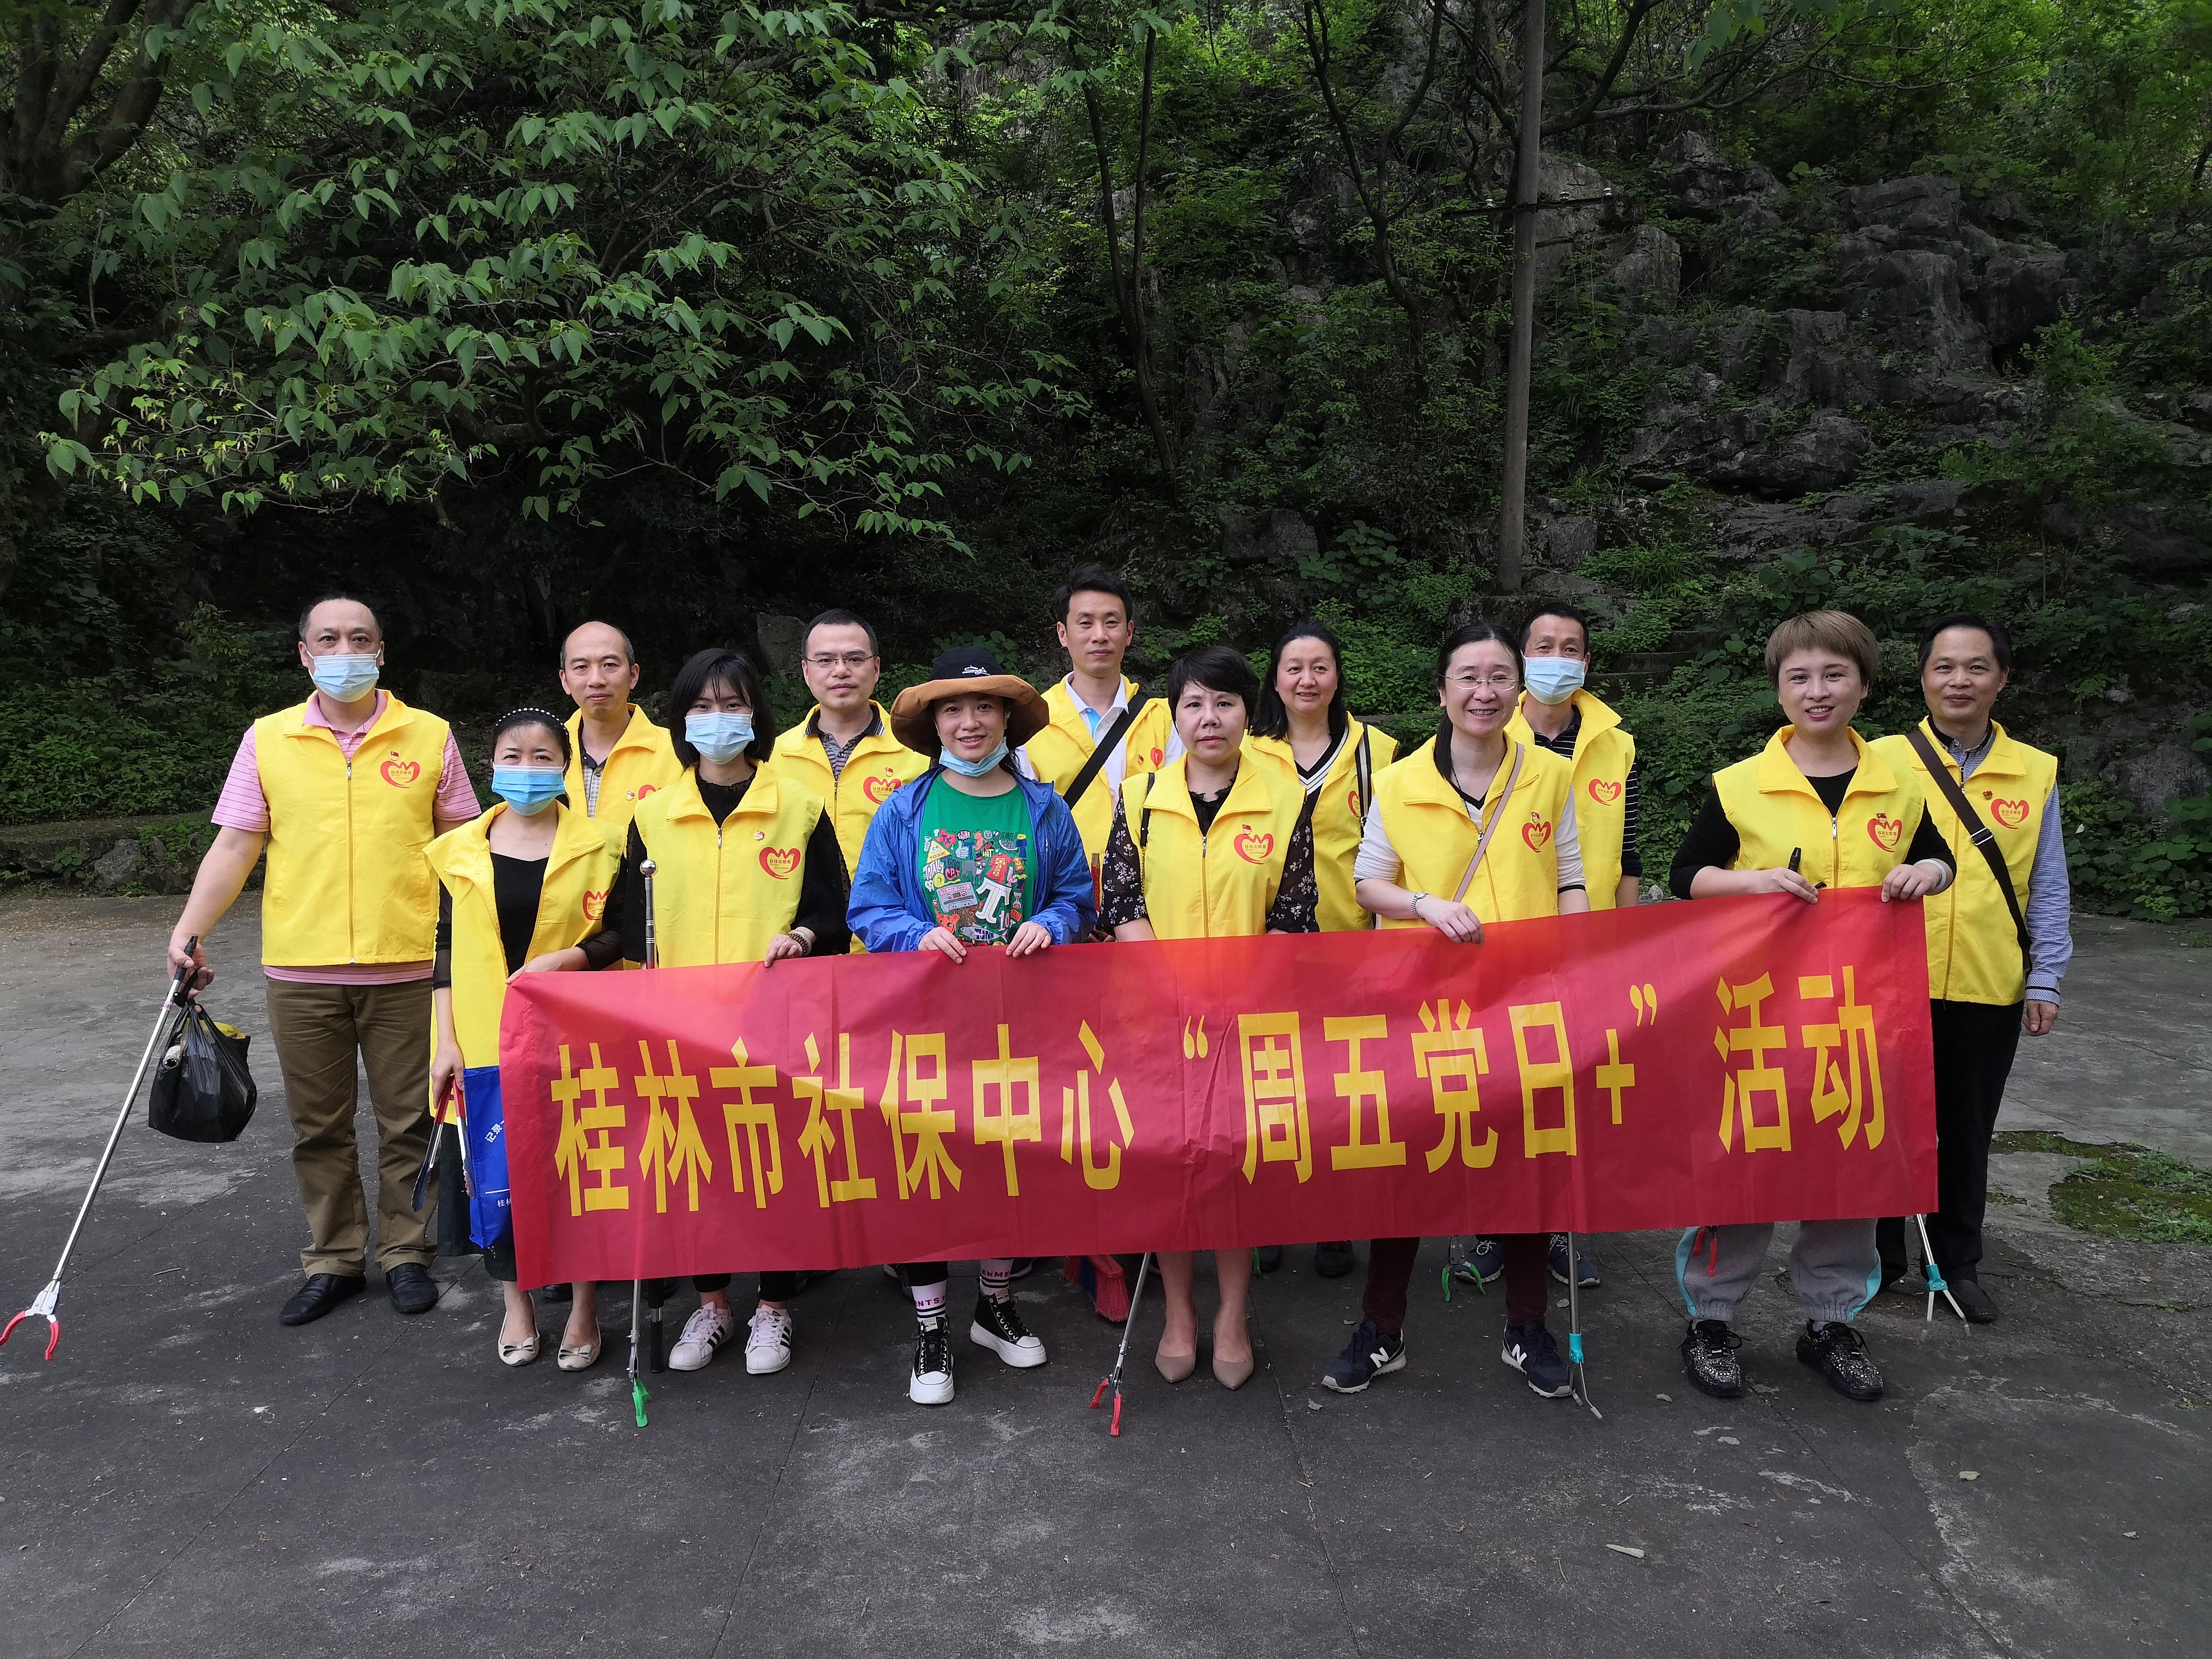 市社保中心参加活动的党员和志愿者合影